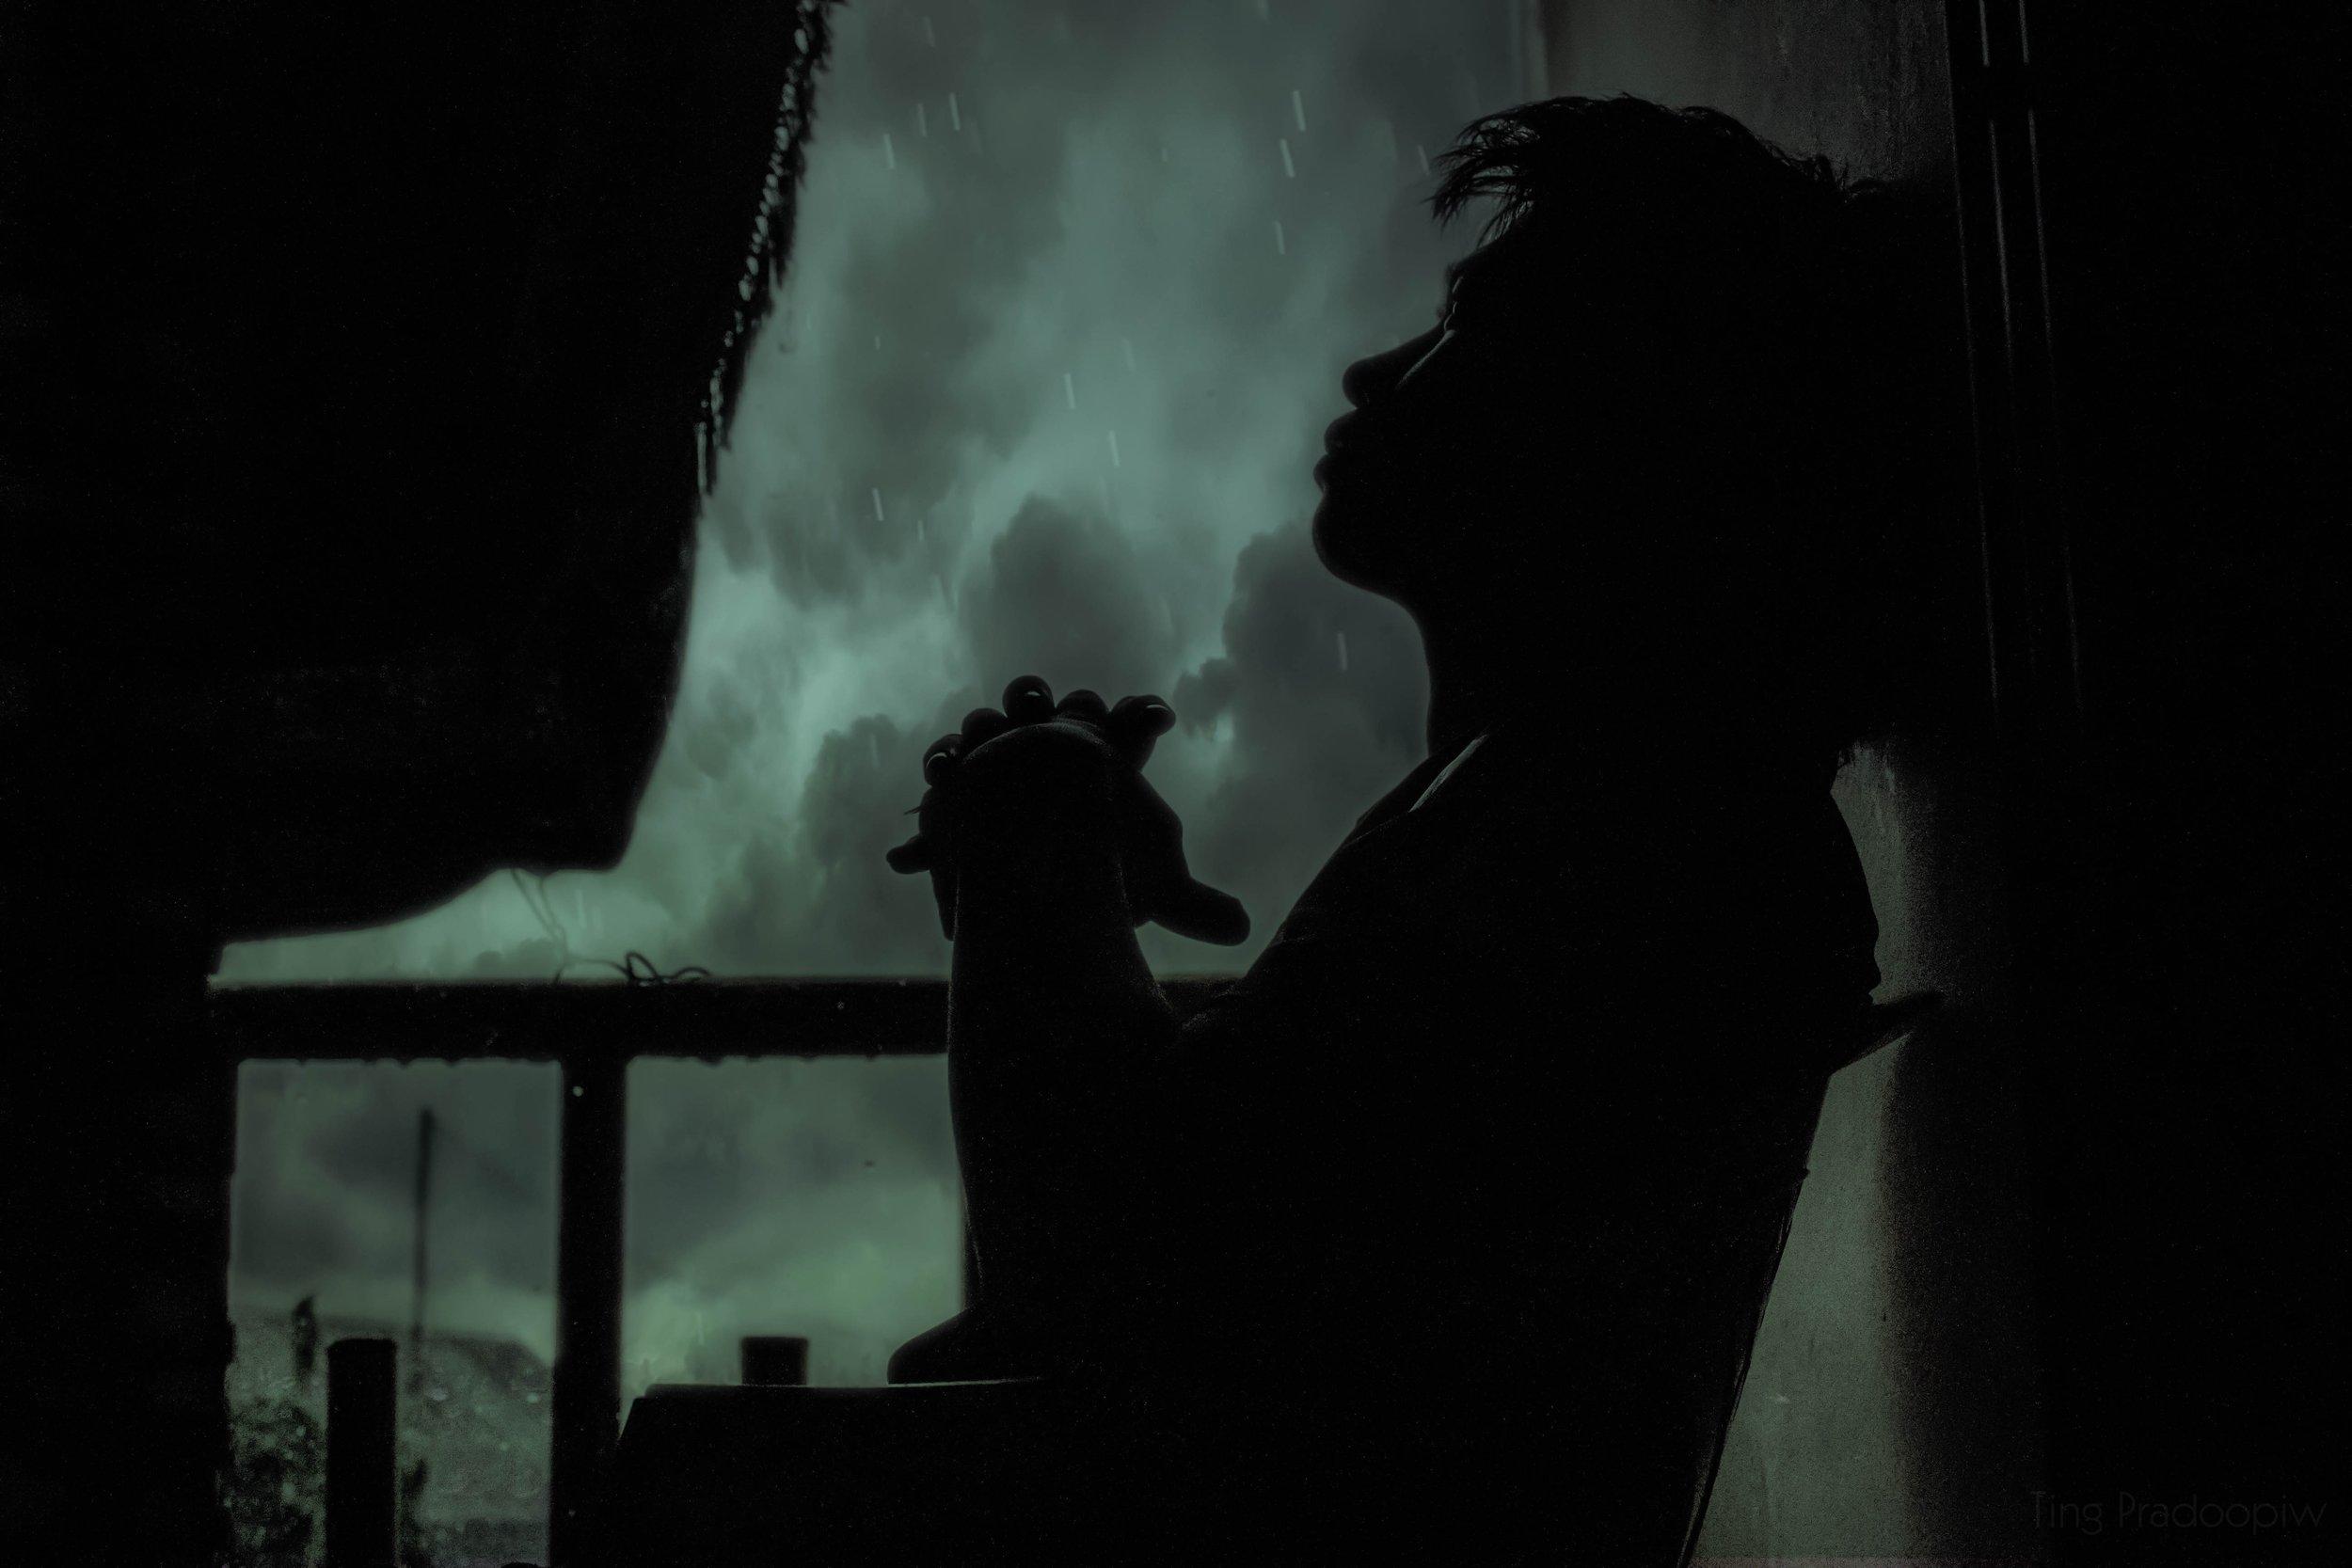 adult-alone-backlit-268833.jpg